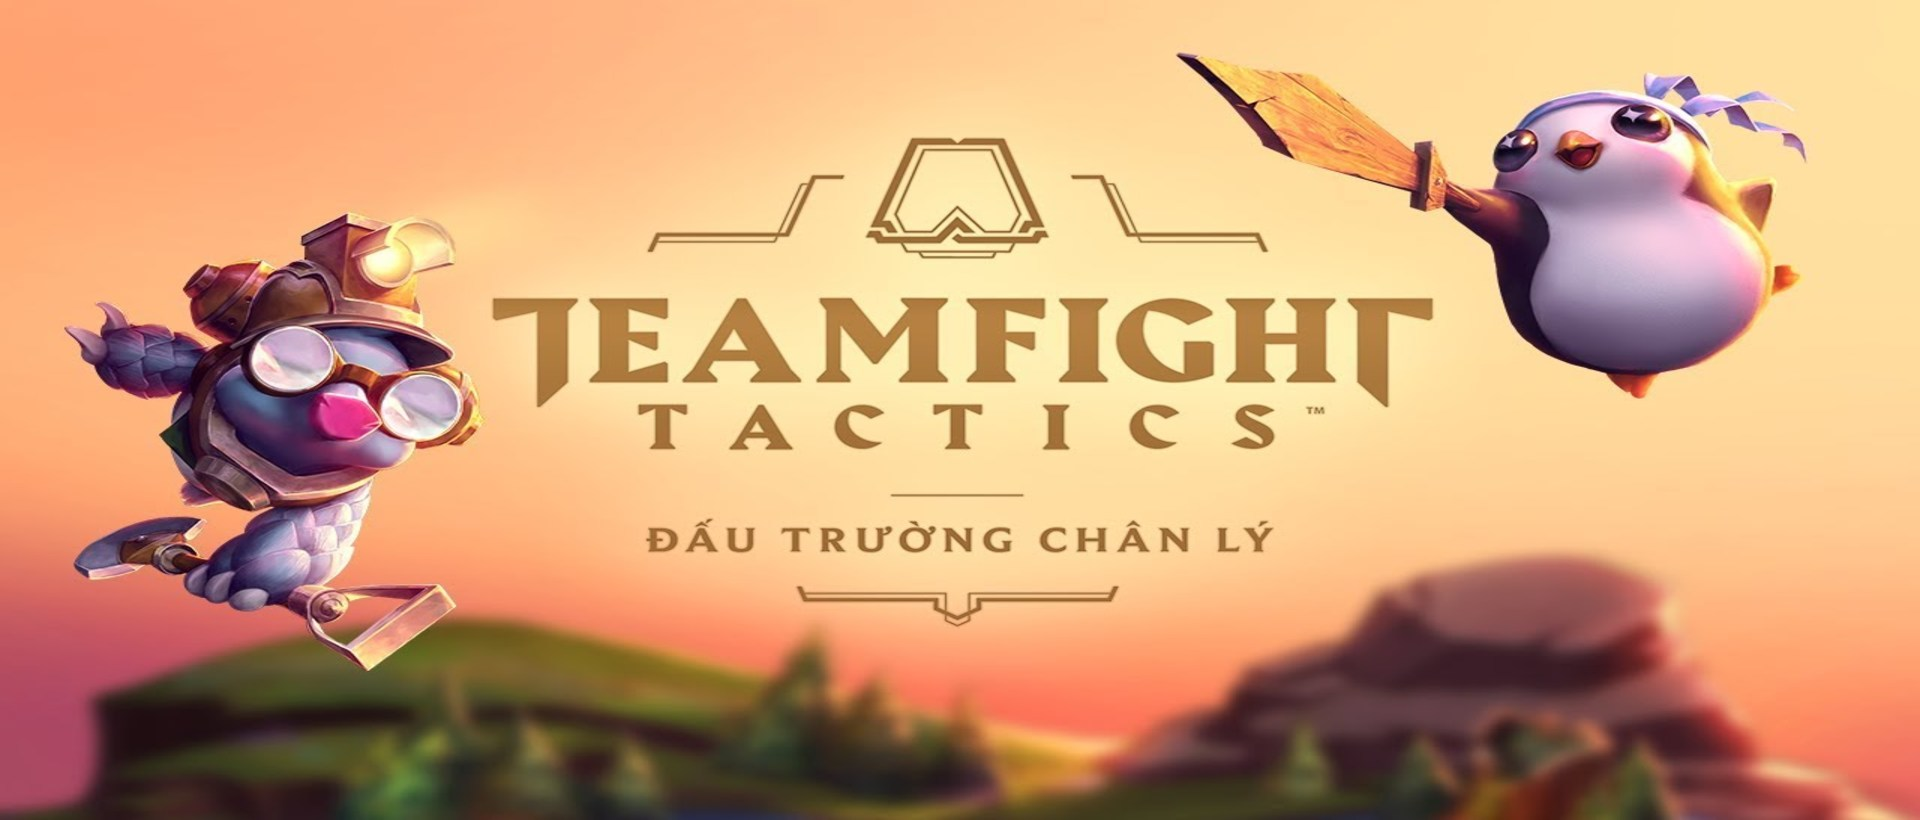 Đấu Trường Chân Lý: LMHT Teamfight Tactics